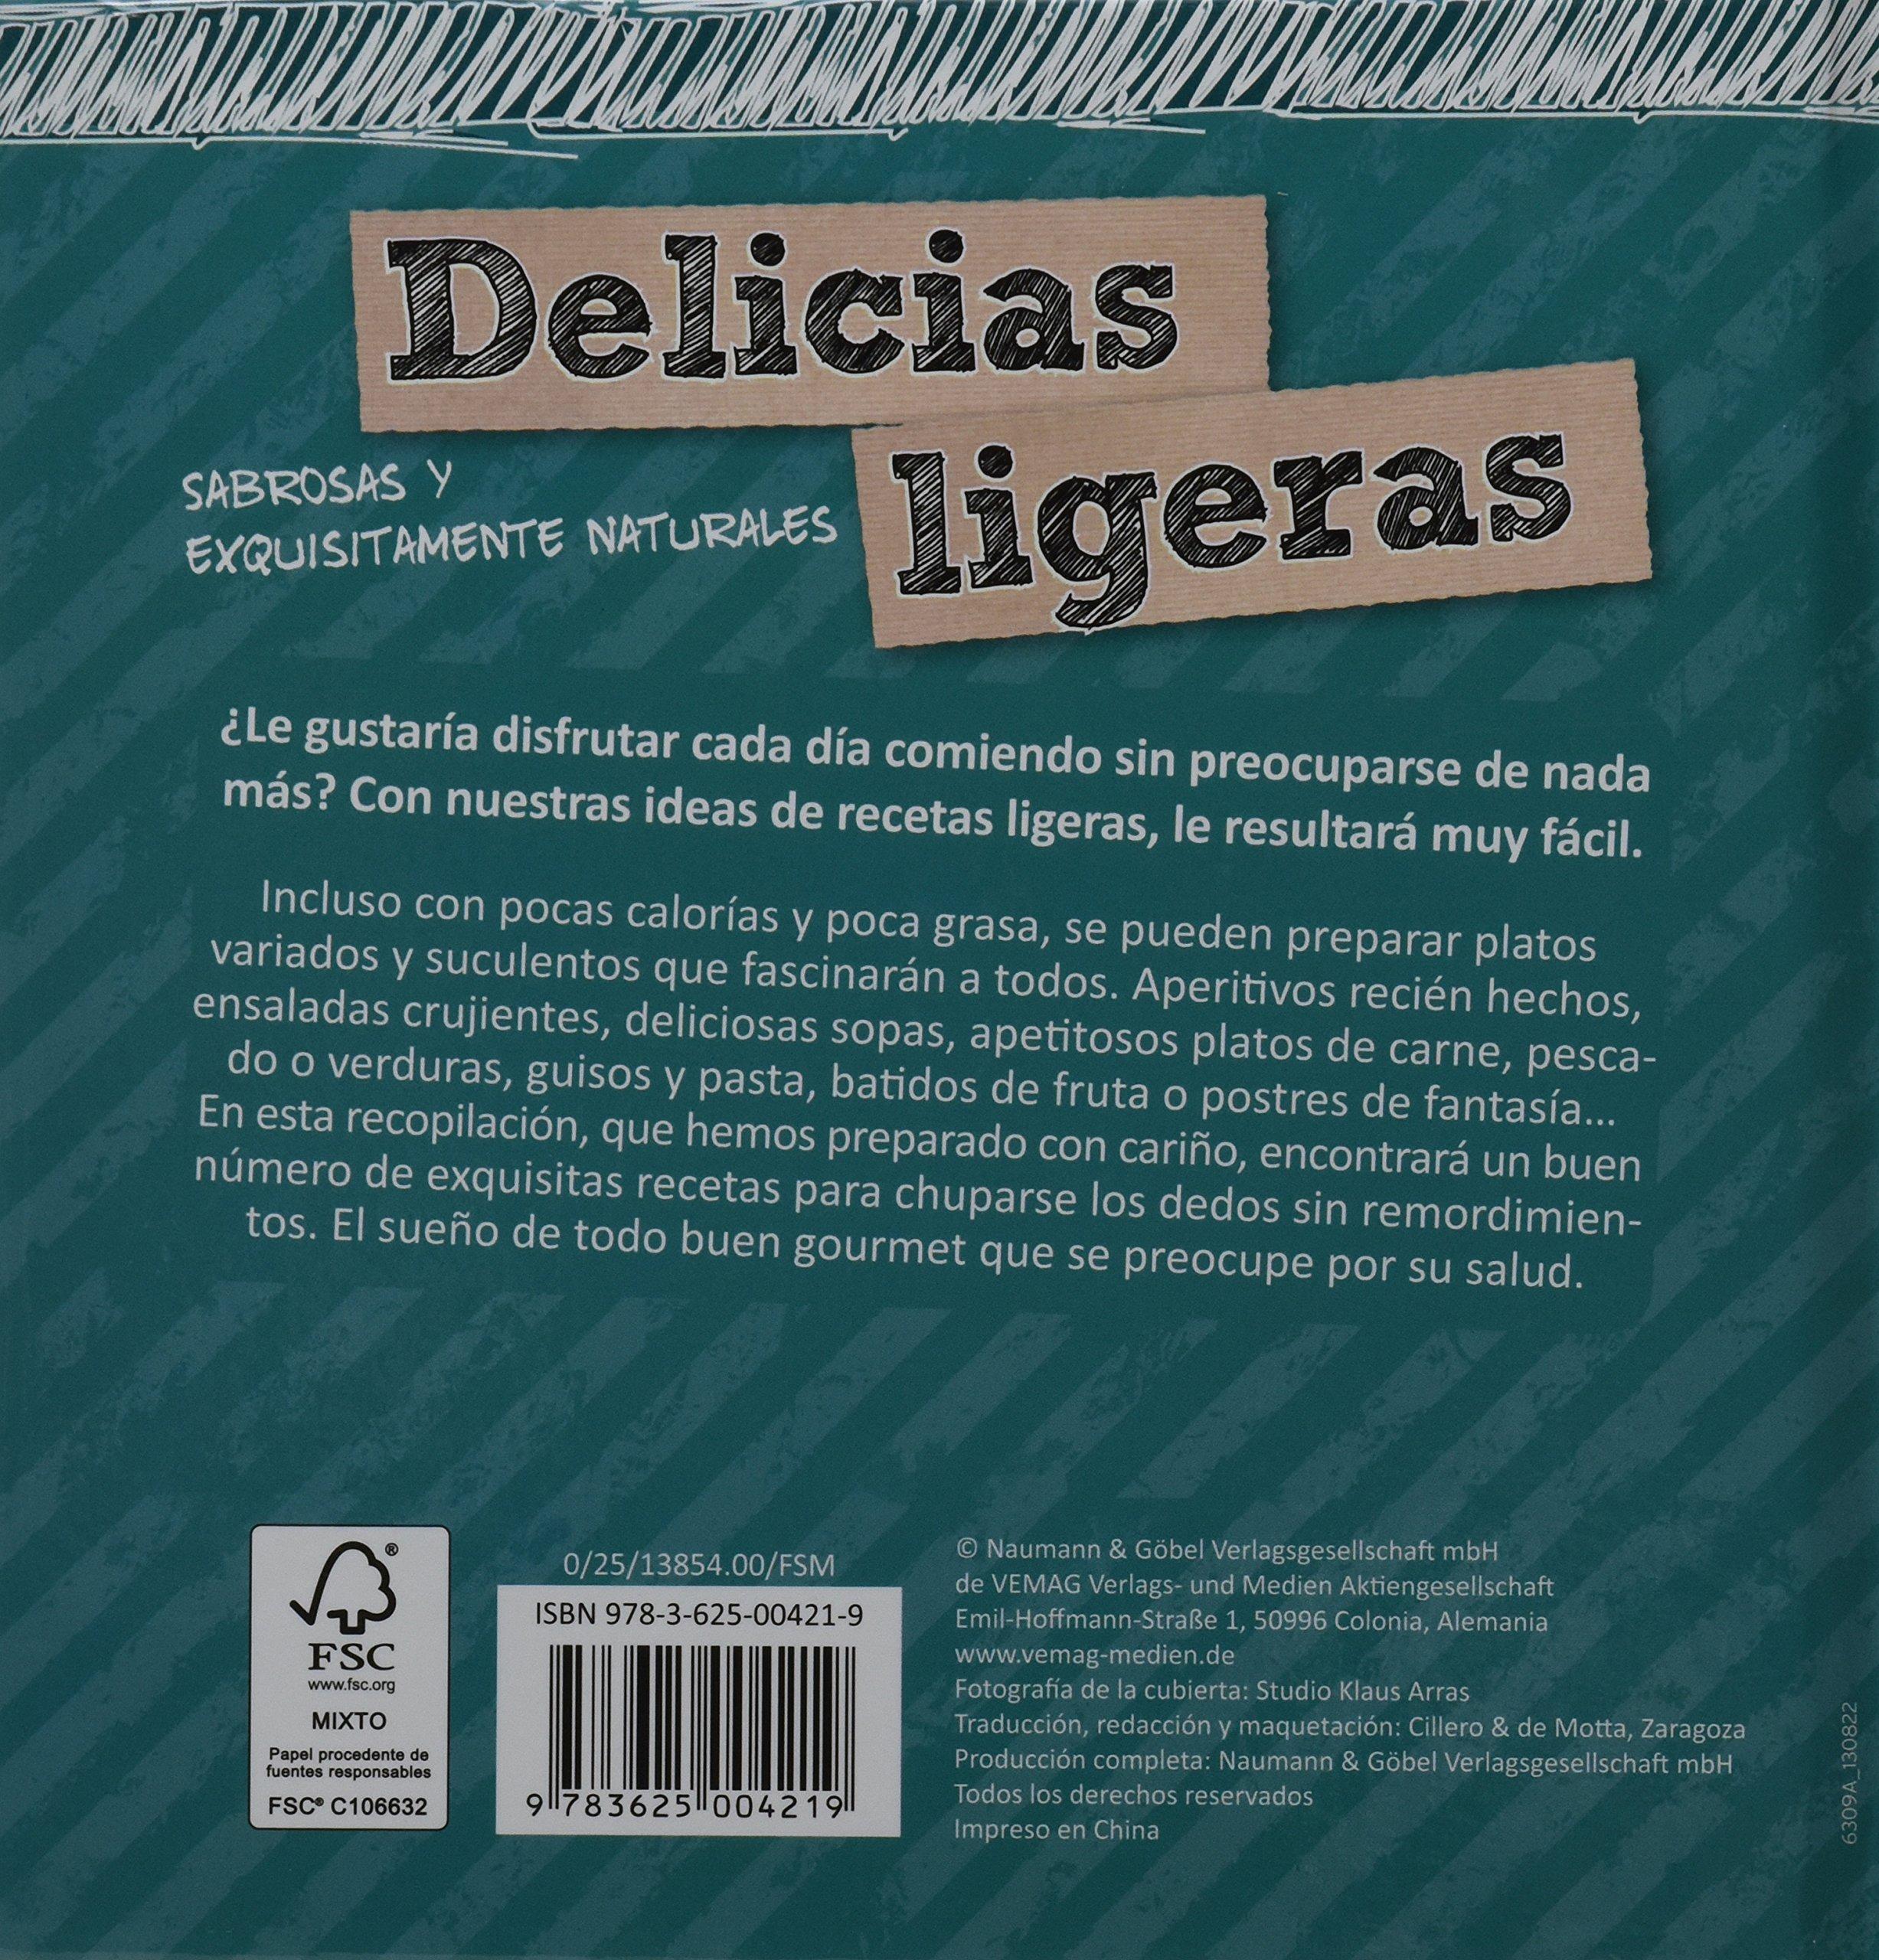 Delicias ligeras: Sabrosas y exquisitamente naturales: Amazon.es: Vv.Aa.: Libros